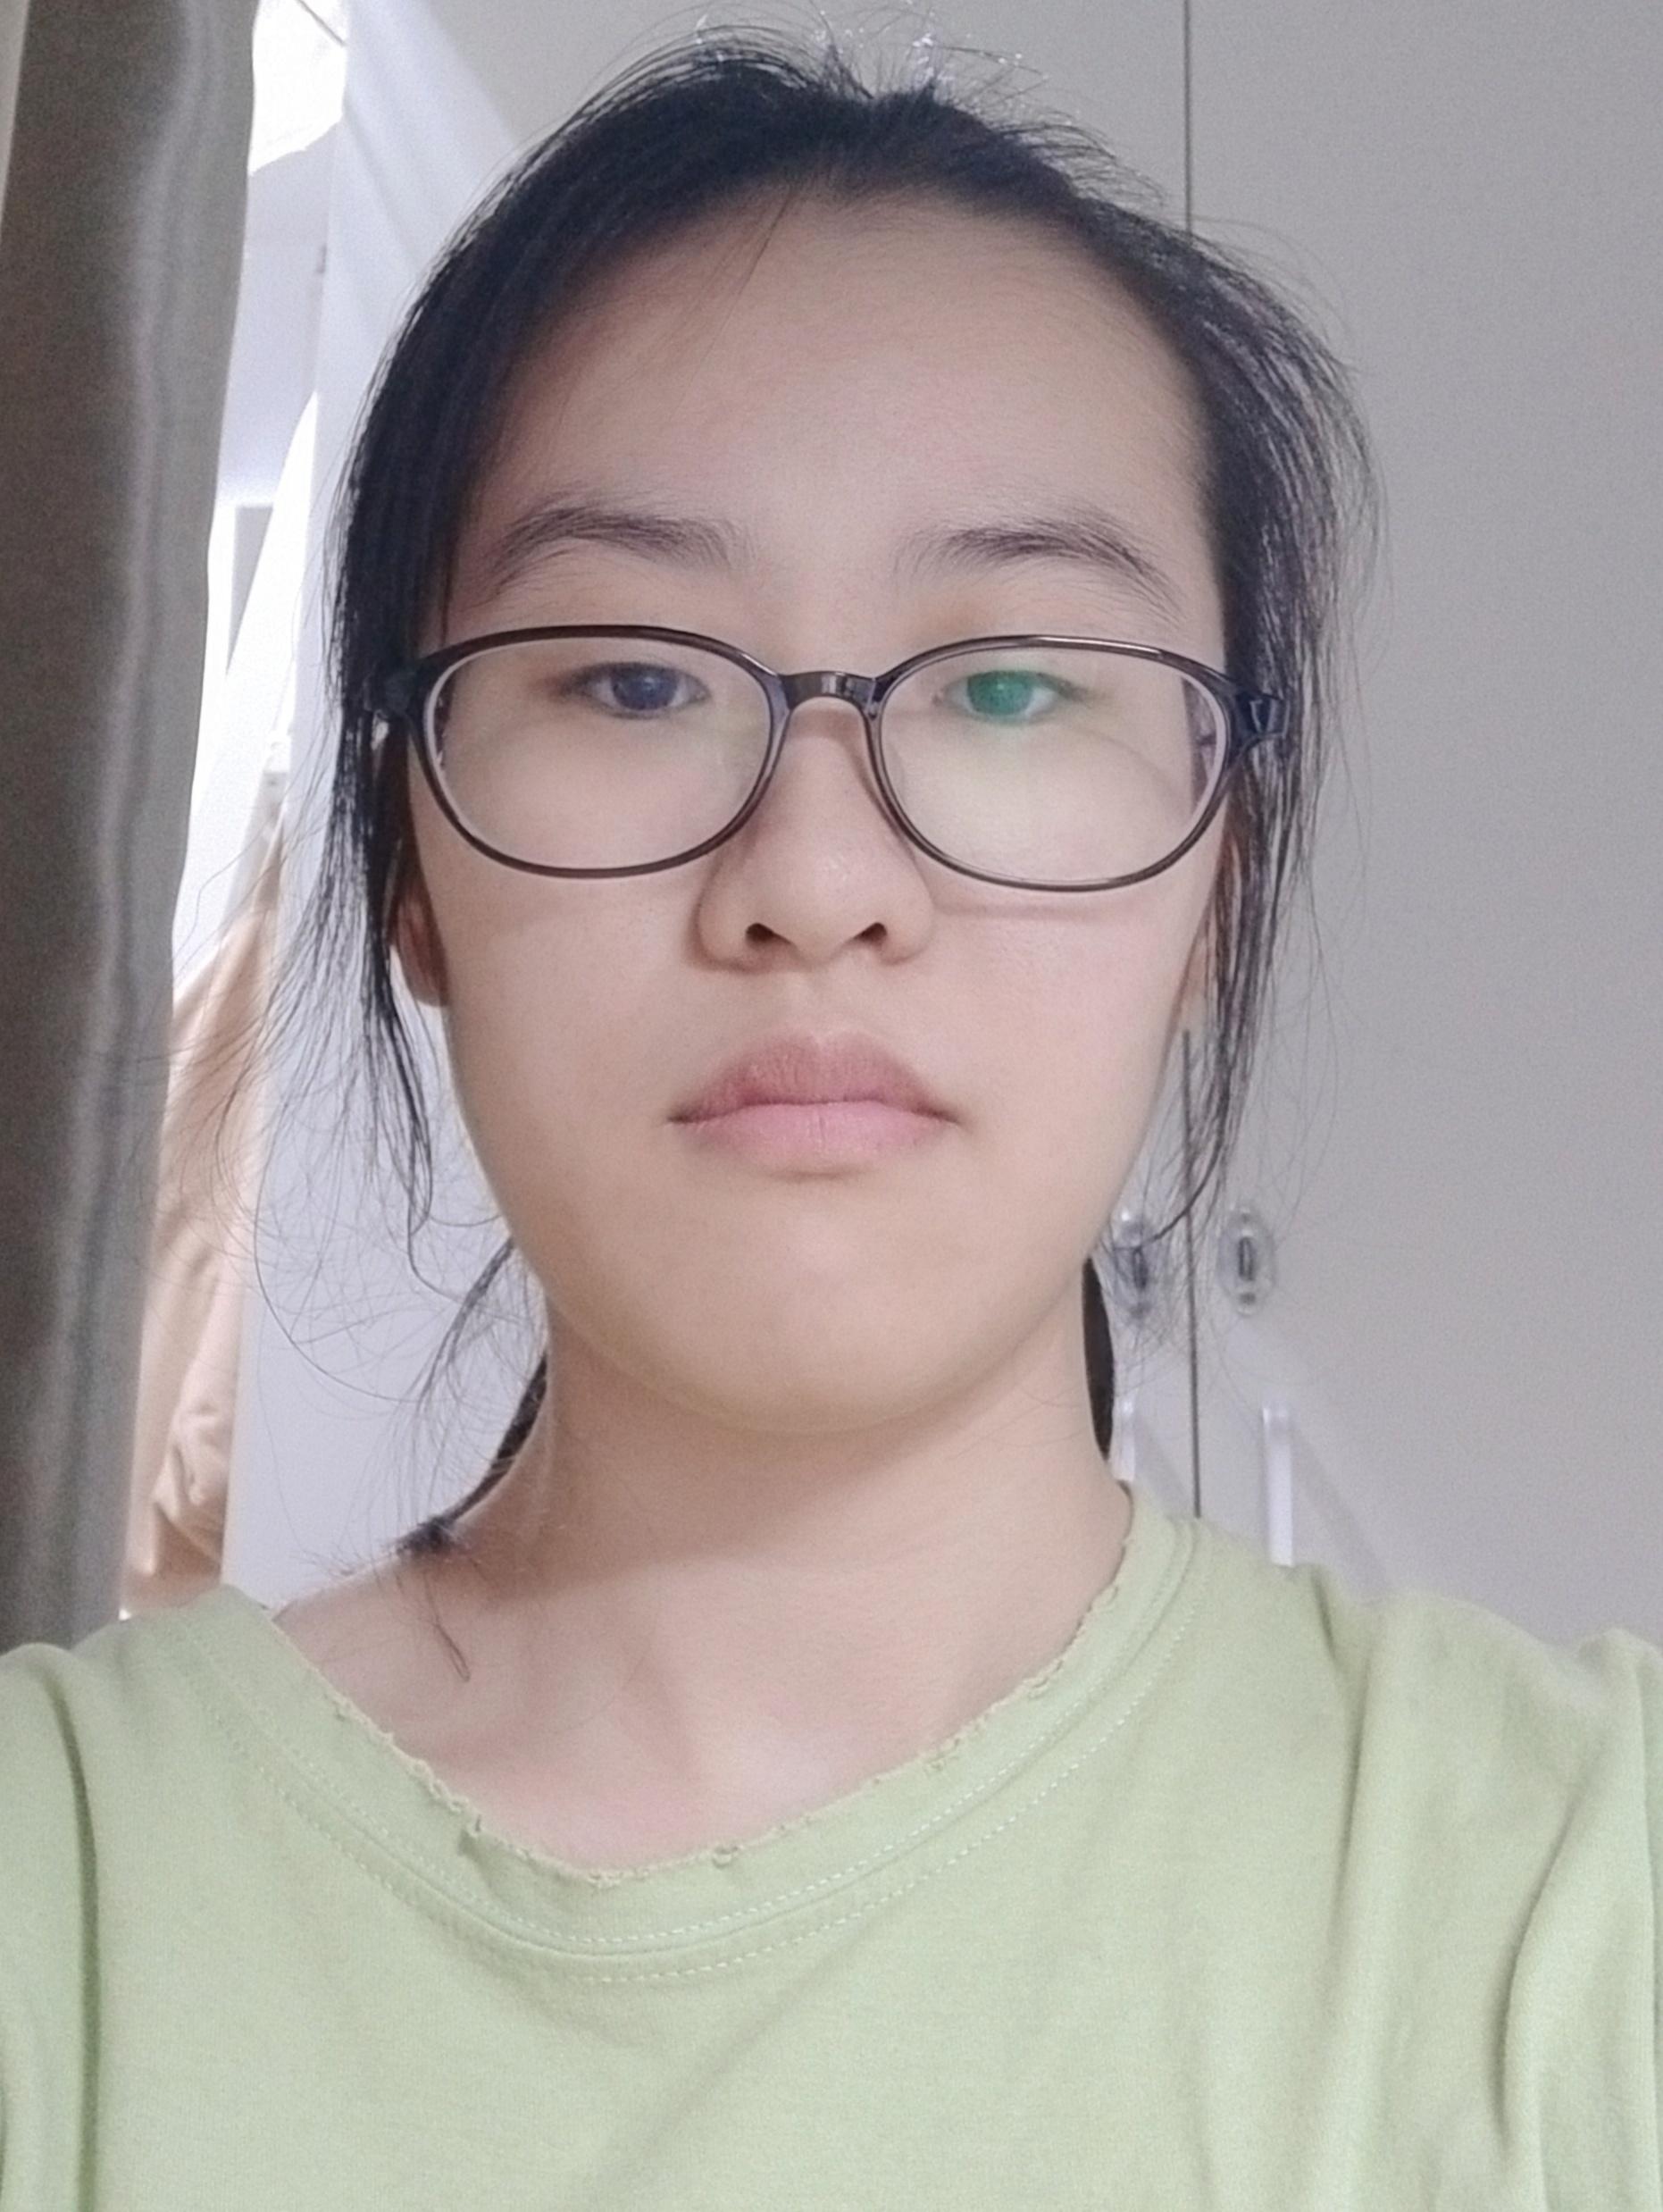 杭州家教祝教员